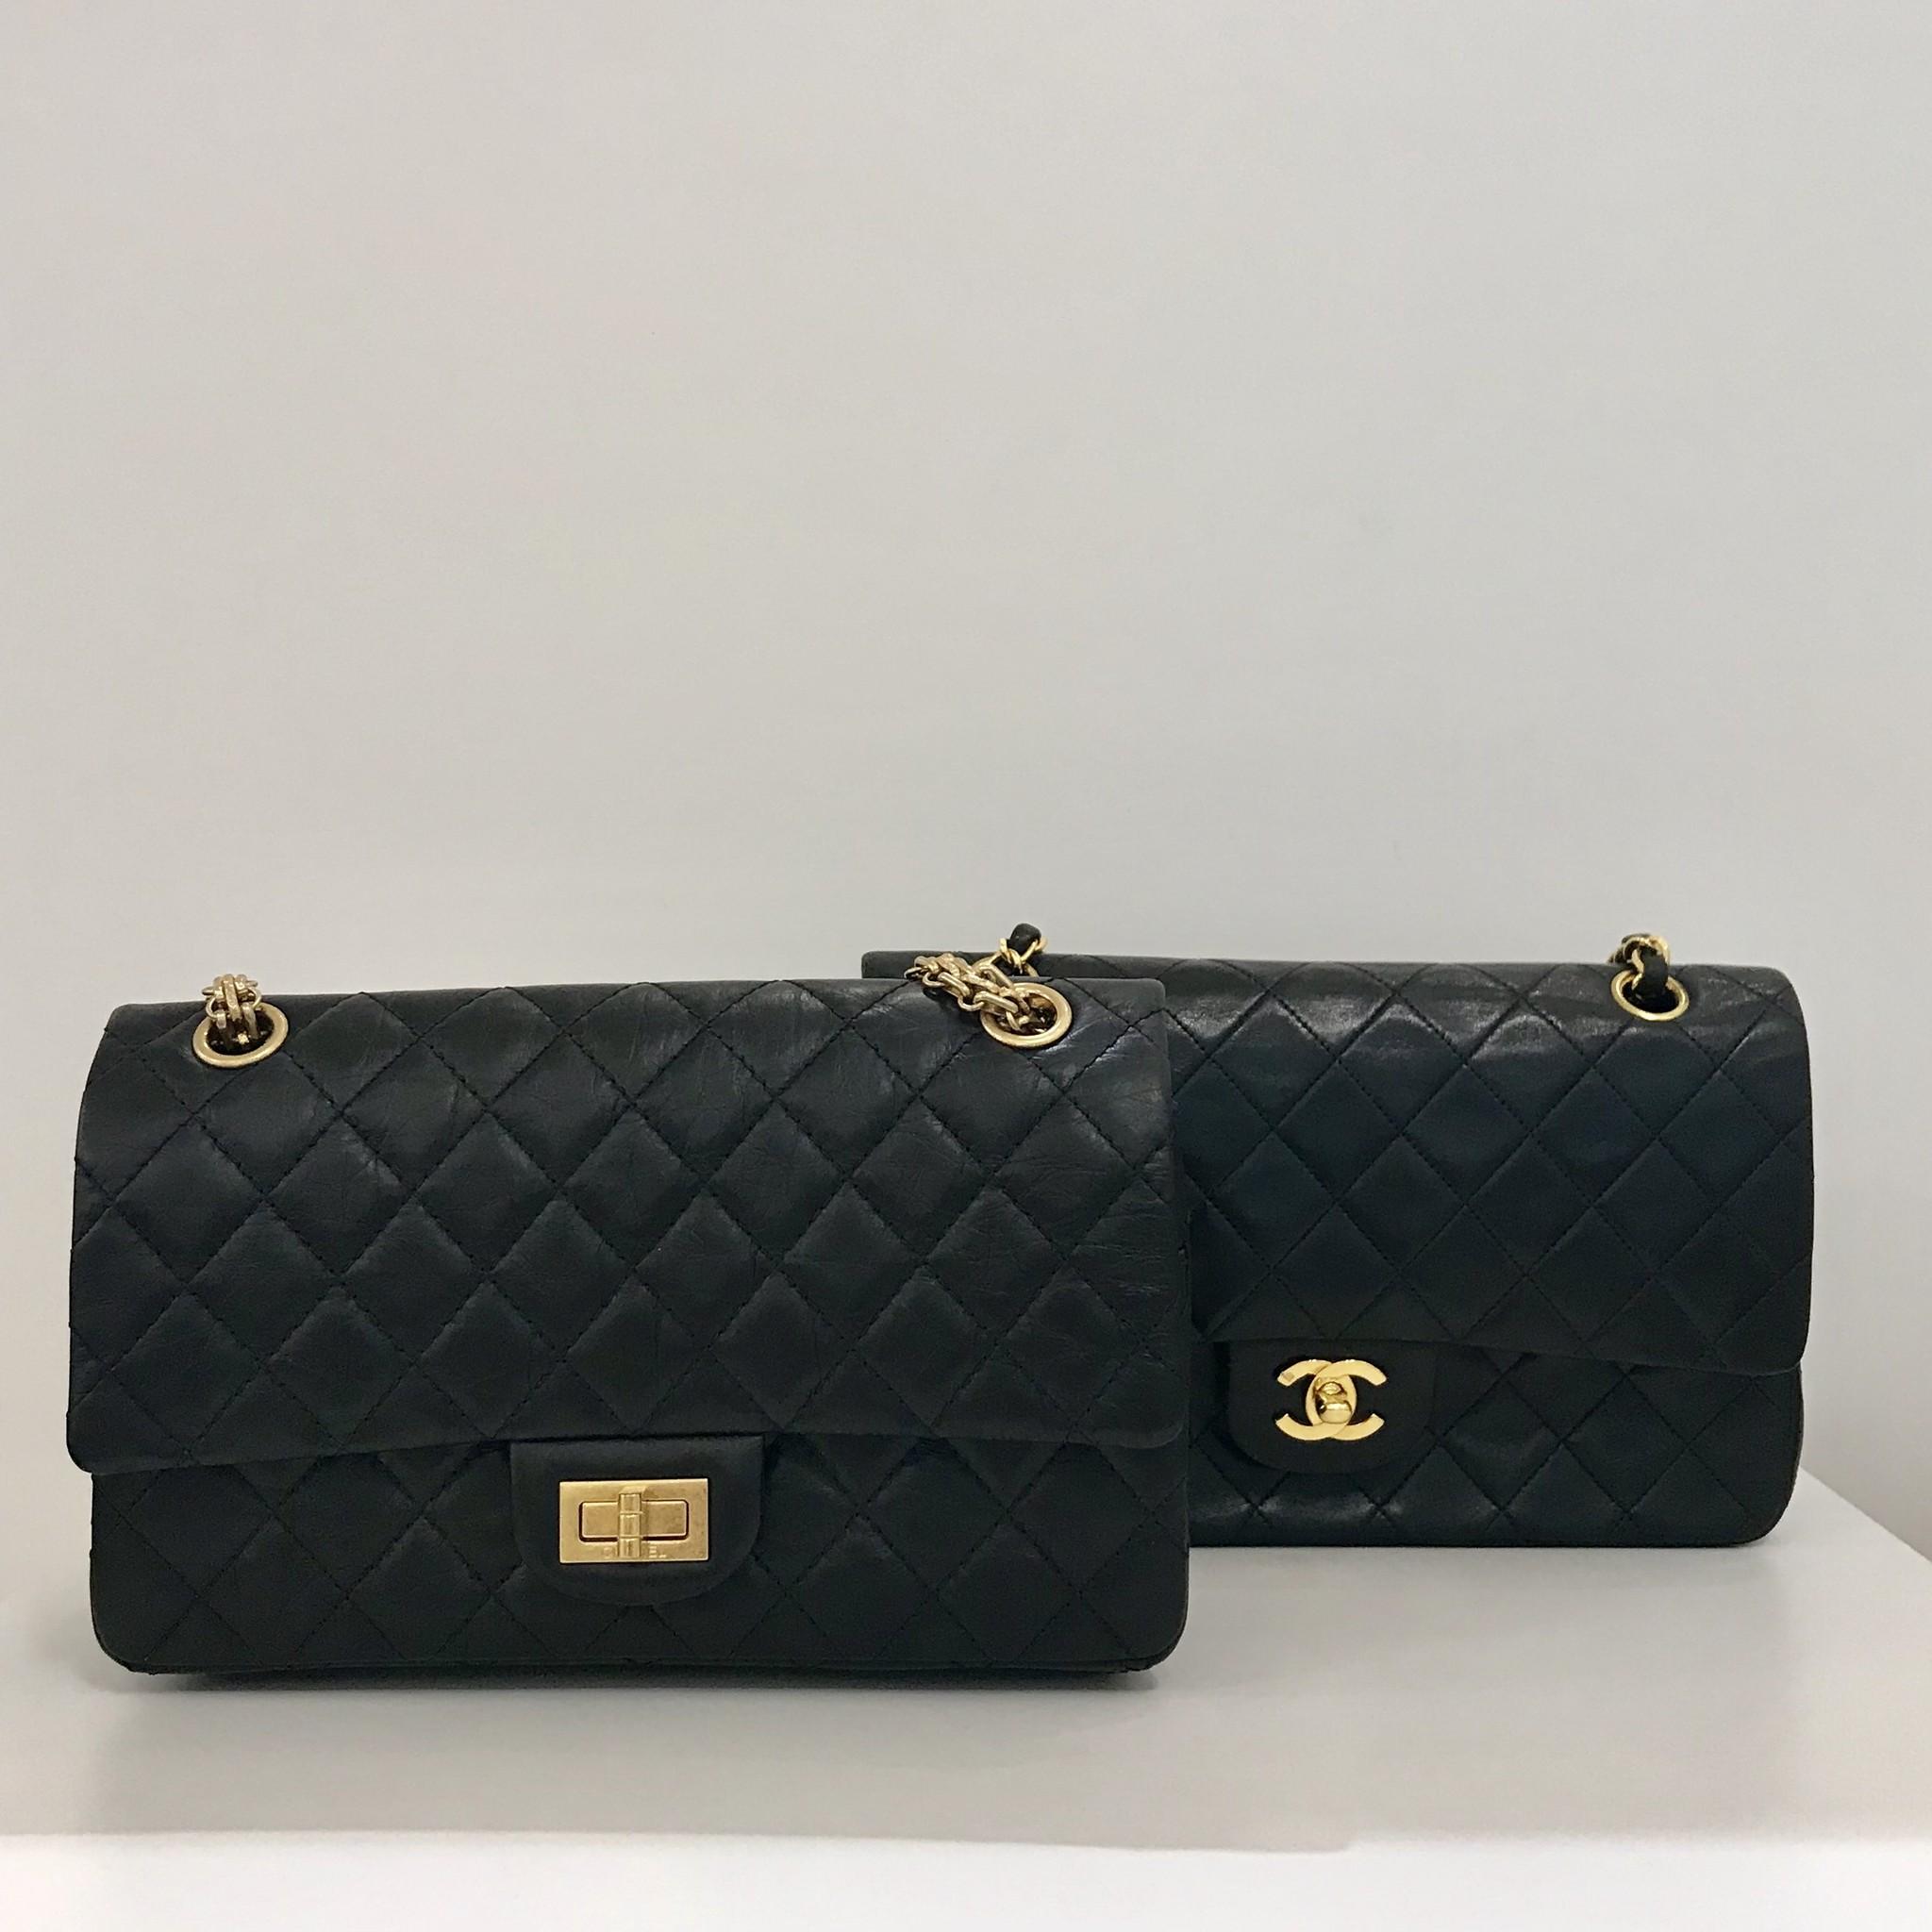 3864676d8dda9 Die raffinierte Aufteilung der Chanel Tasche bietet viel Stauraum. Durch  ihre rechteckige Grundform kannst du problemlos deine Habseligkeiten in ihr  ...